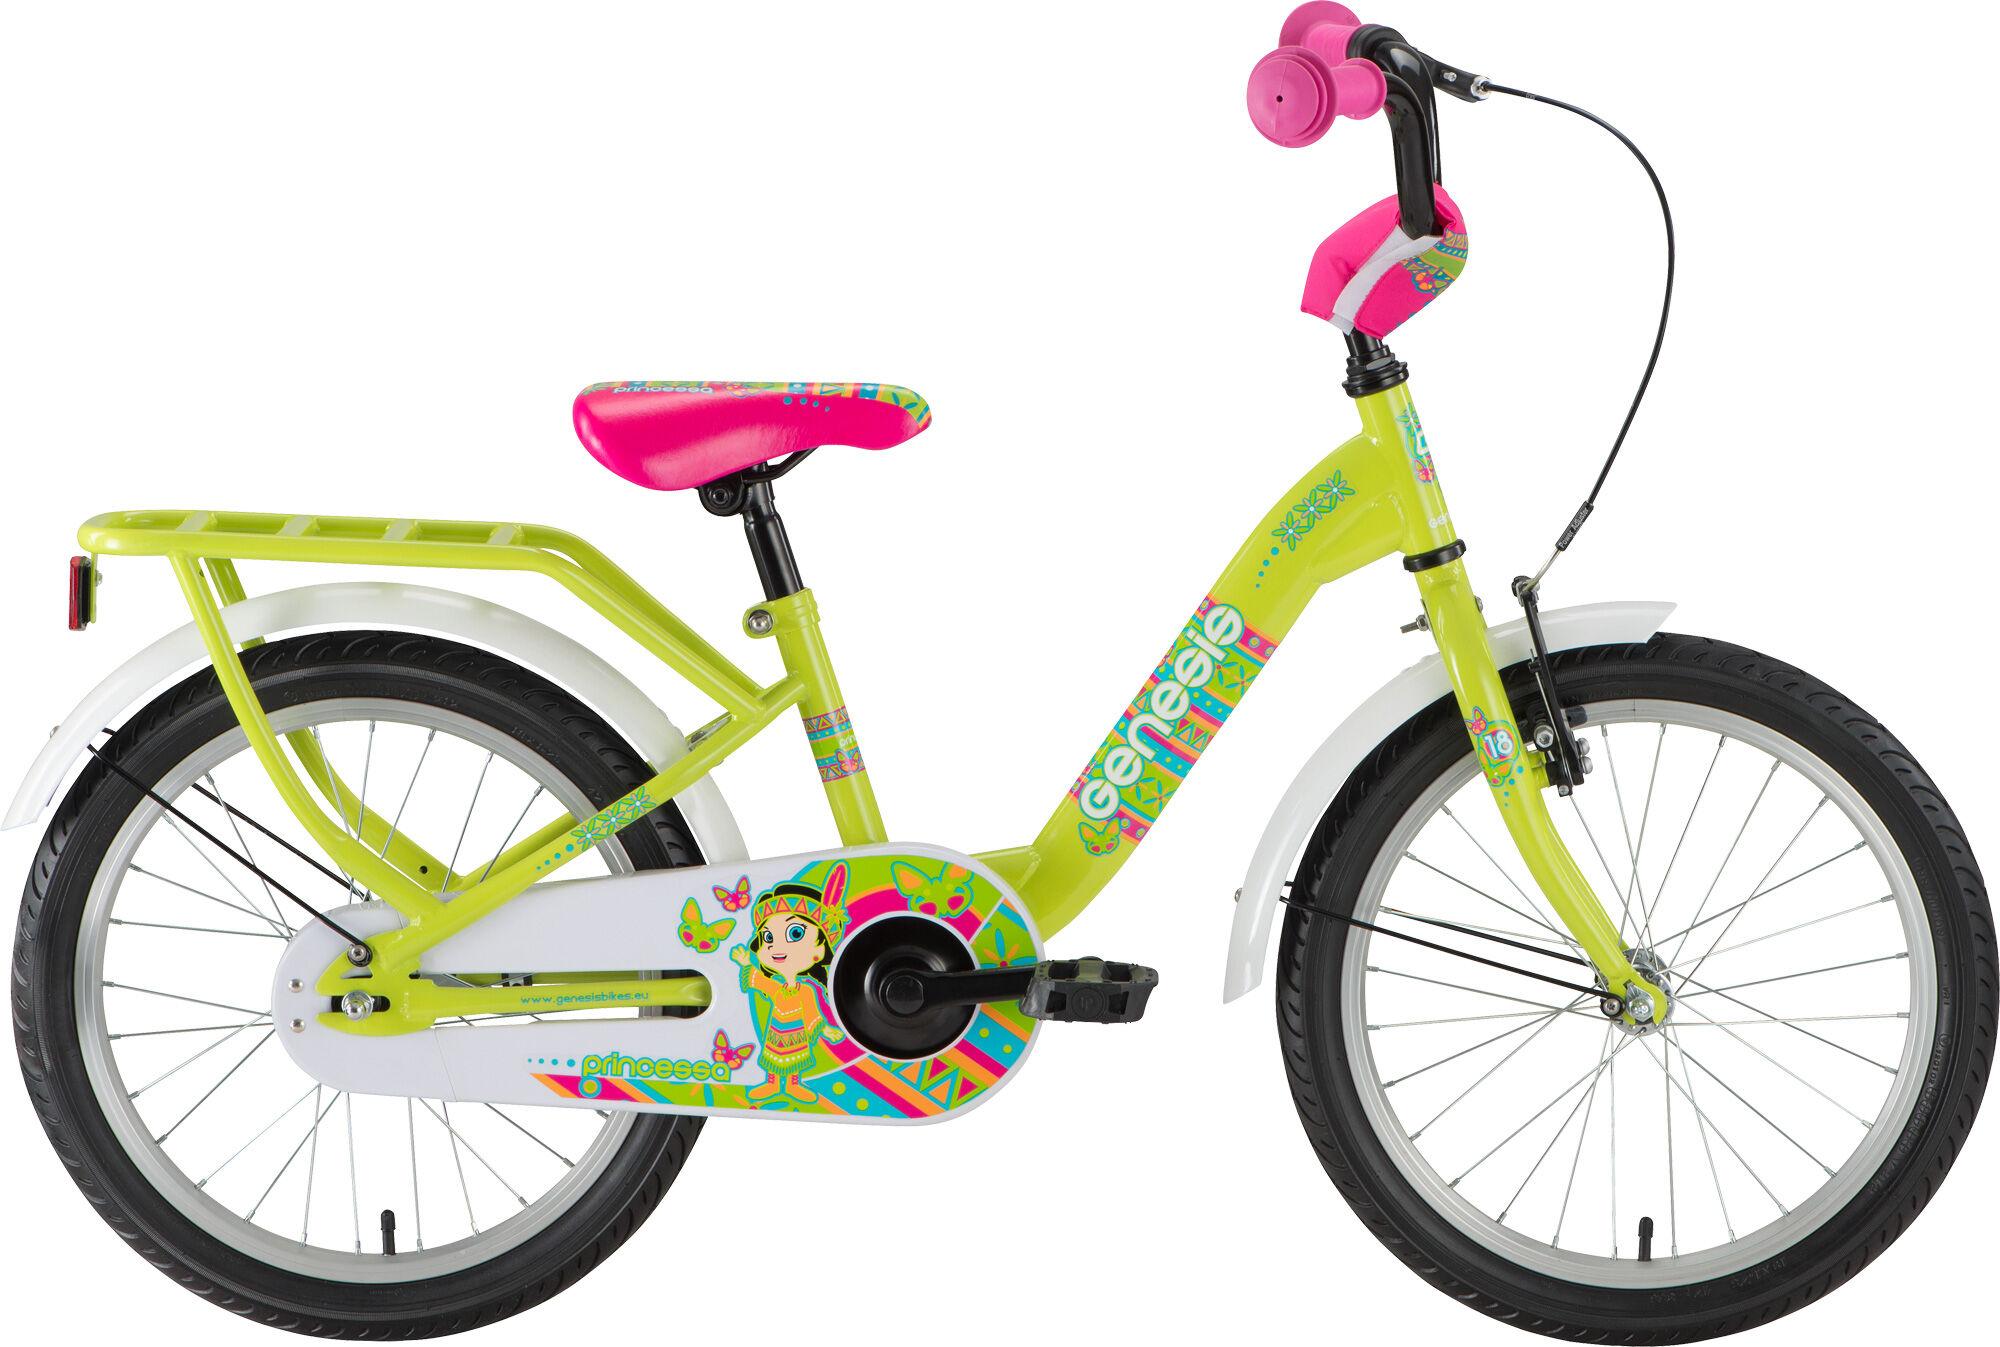 Kinderfahrrad & Fahrradzubehör kaufen | INTERSPORT